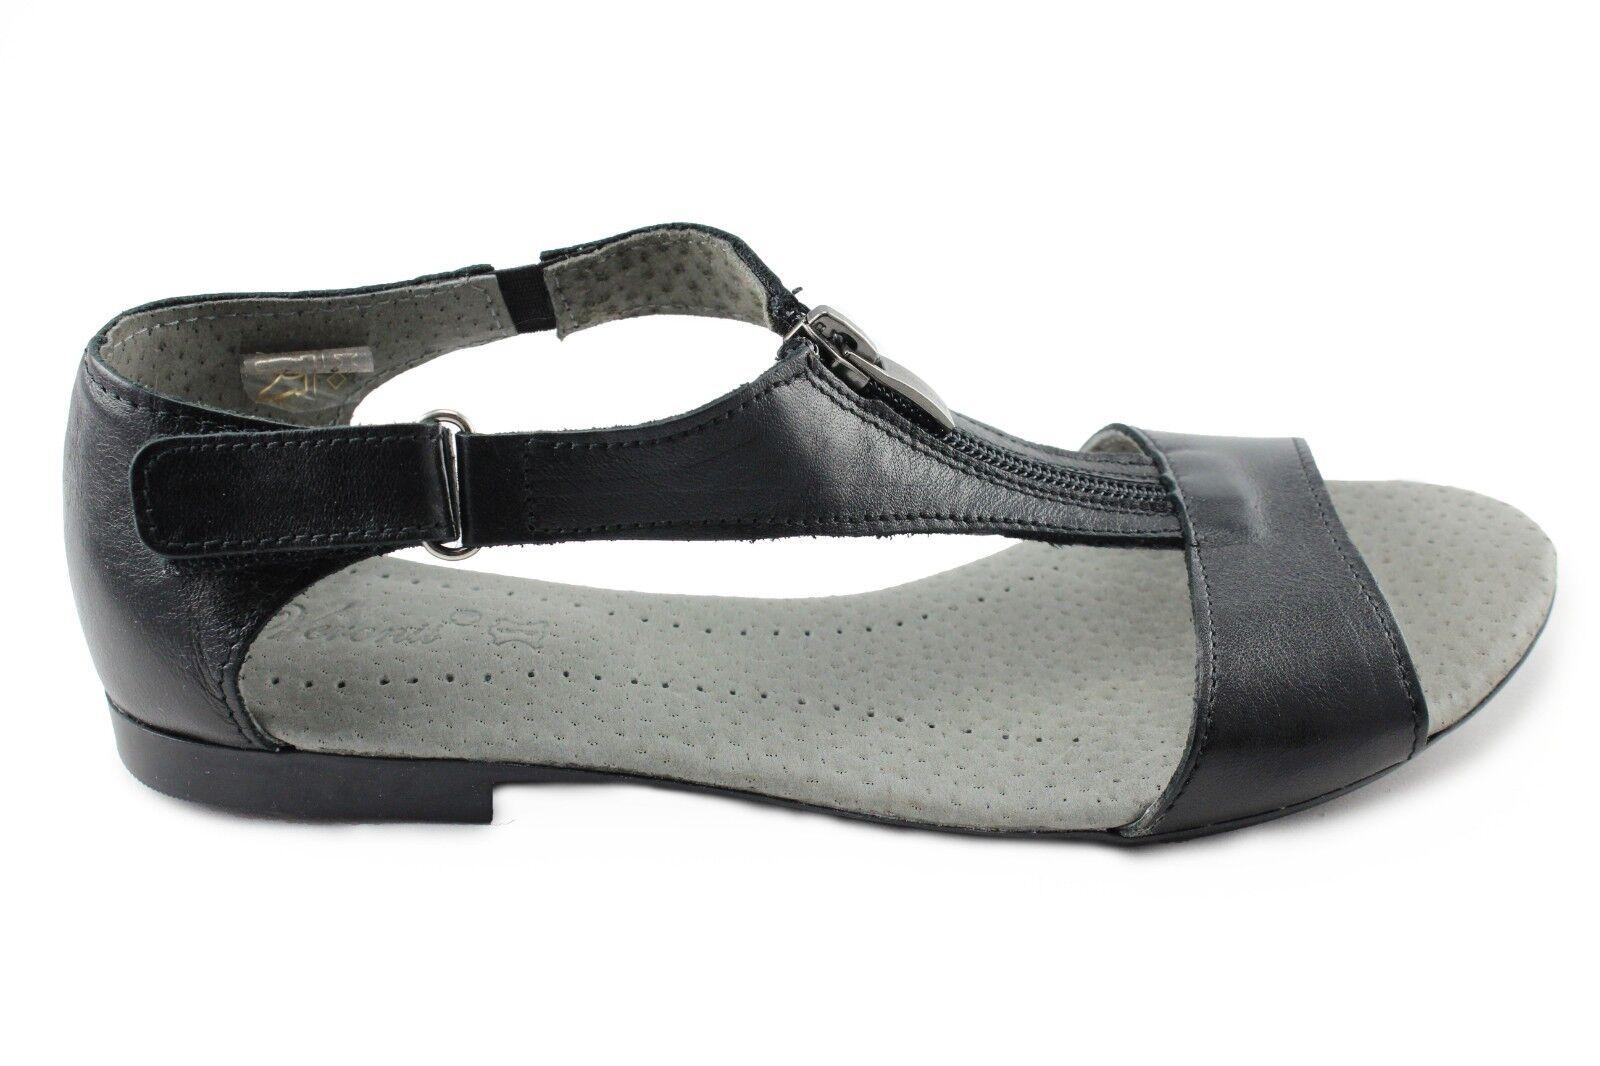 Sandalias para mujer de cuero Kornecki (03755 Czarny) hecho en en en Polonia  autorización